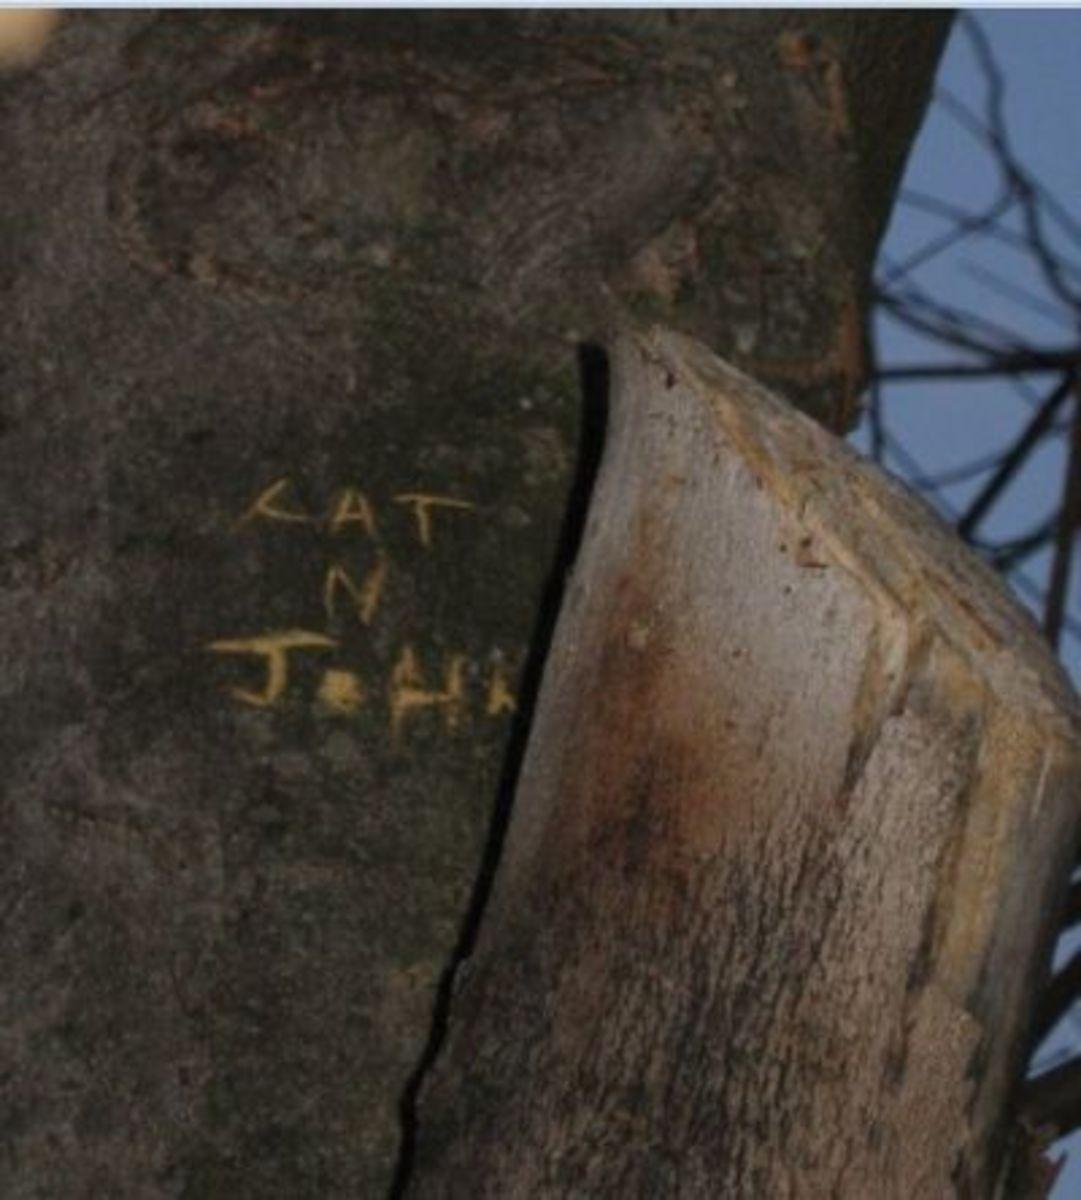 Cat N John